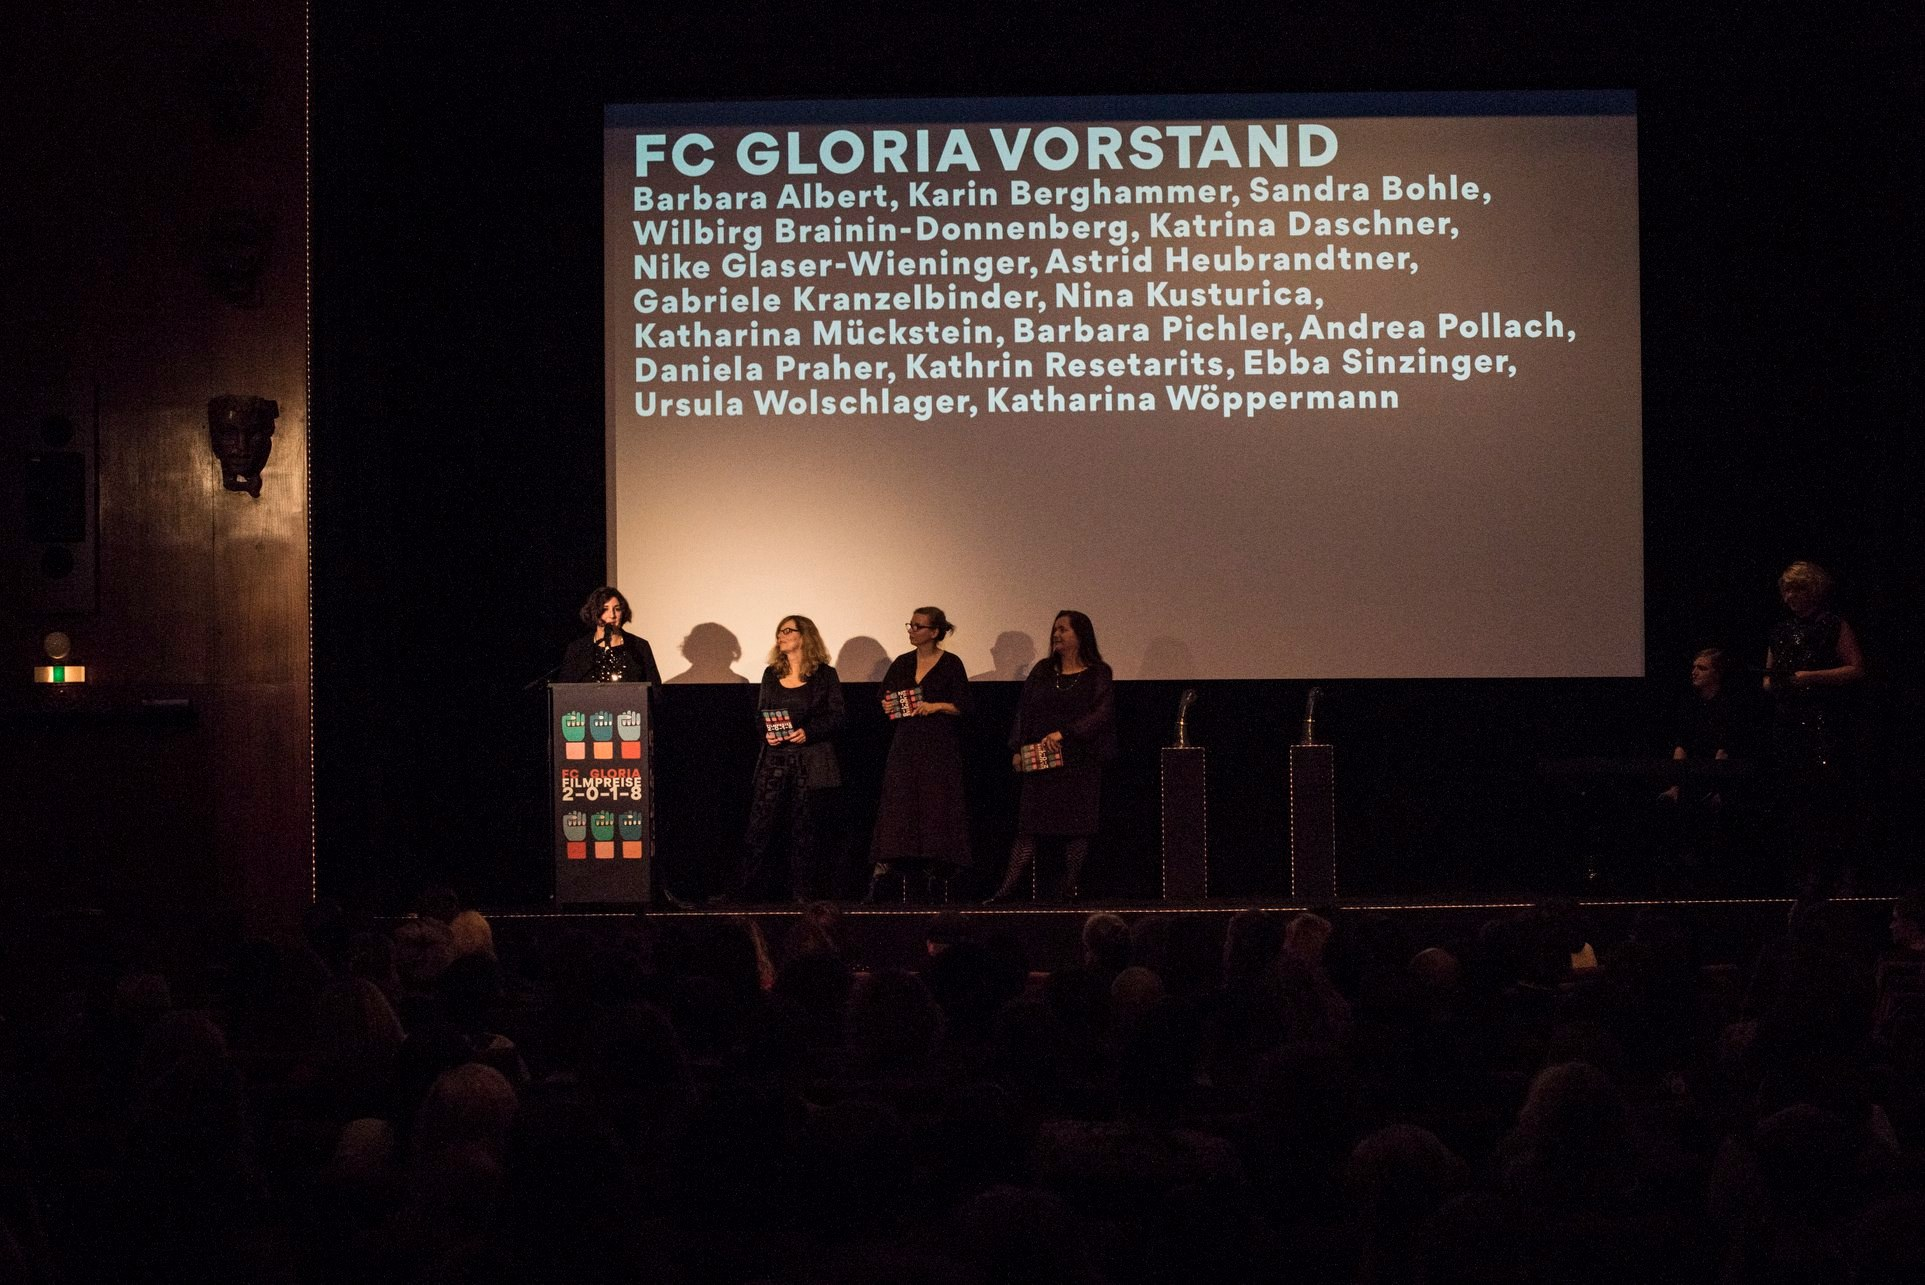 Katrina Daschner, Ebba Sinzinger, Andrea Pollach und Wilbirg Brainin-Donnenberg als Vertreterinnen des FC Gloria Vorstands